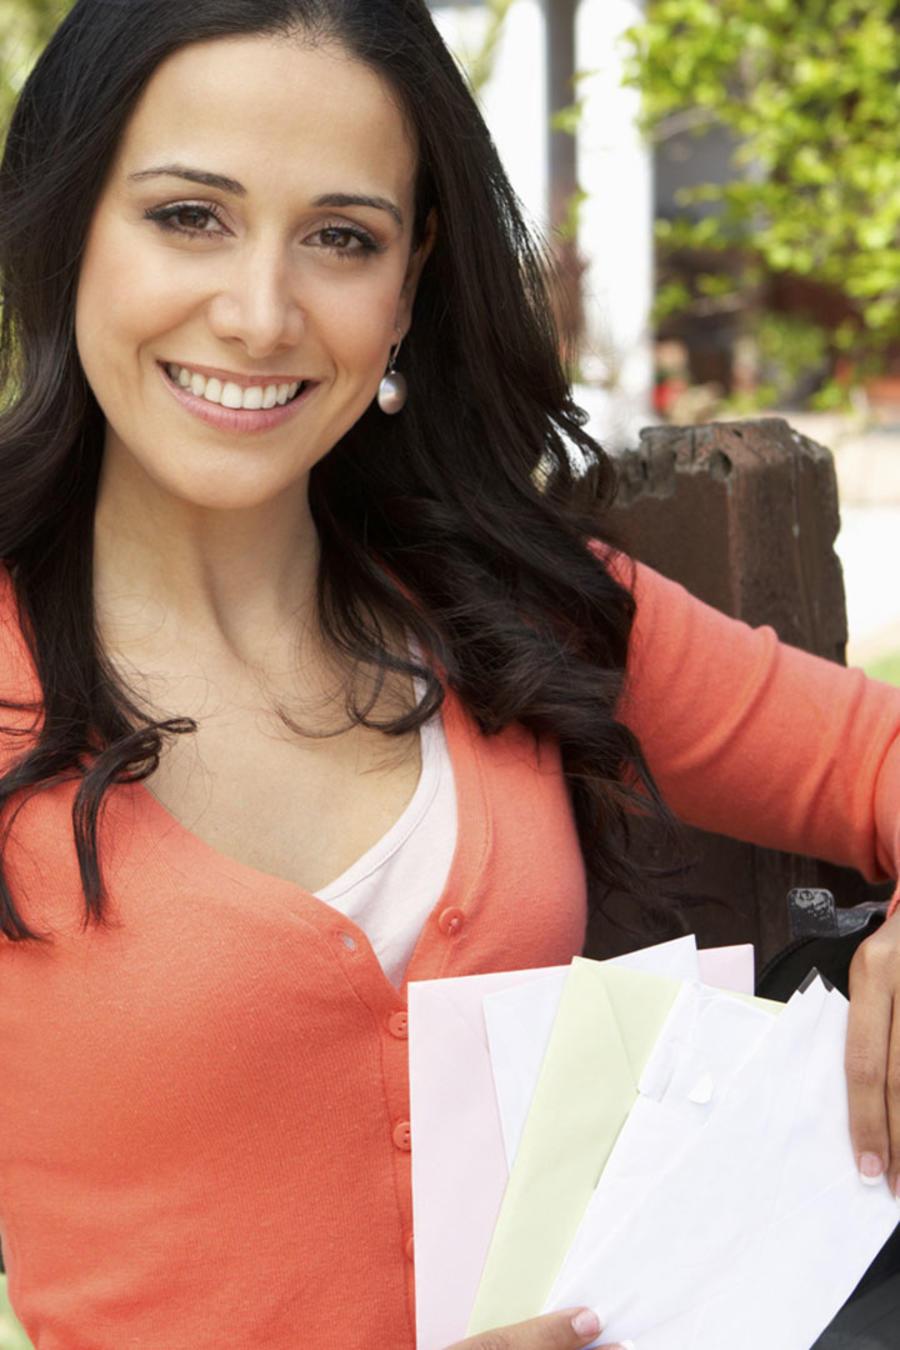 Mujer recibiendo la correspondencia junto al buzón